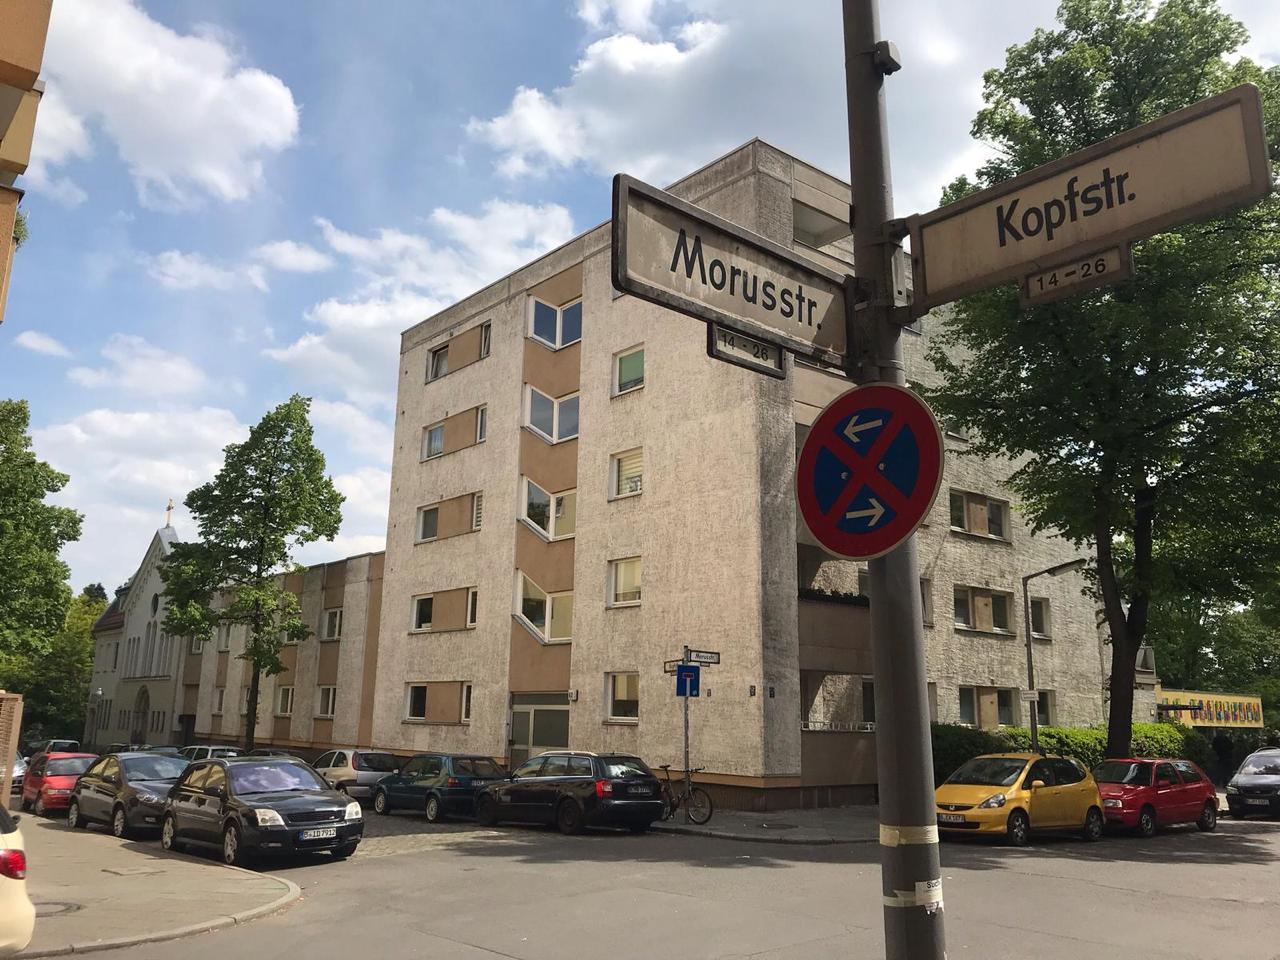 Pressemitteilung der SPD Fraktion Neukölln zur Straßenumbenennung der Morus- und Kopfstraße 1